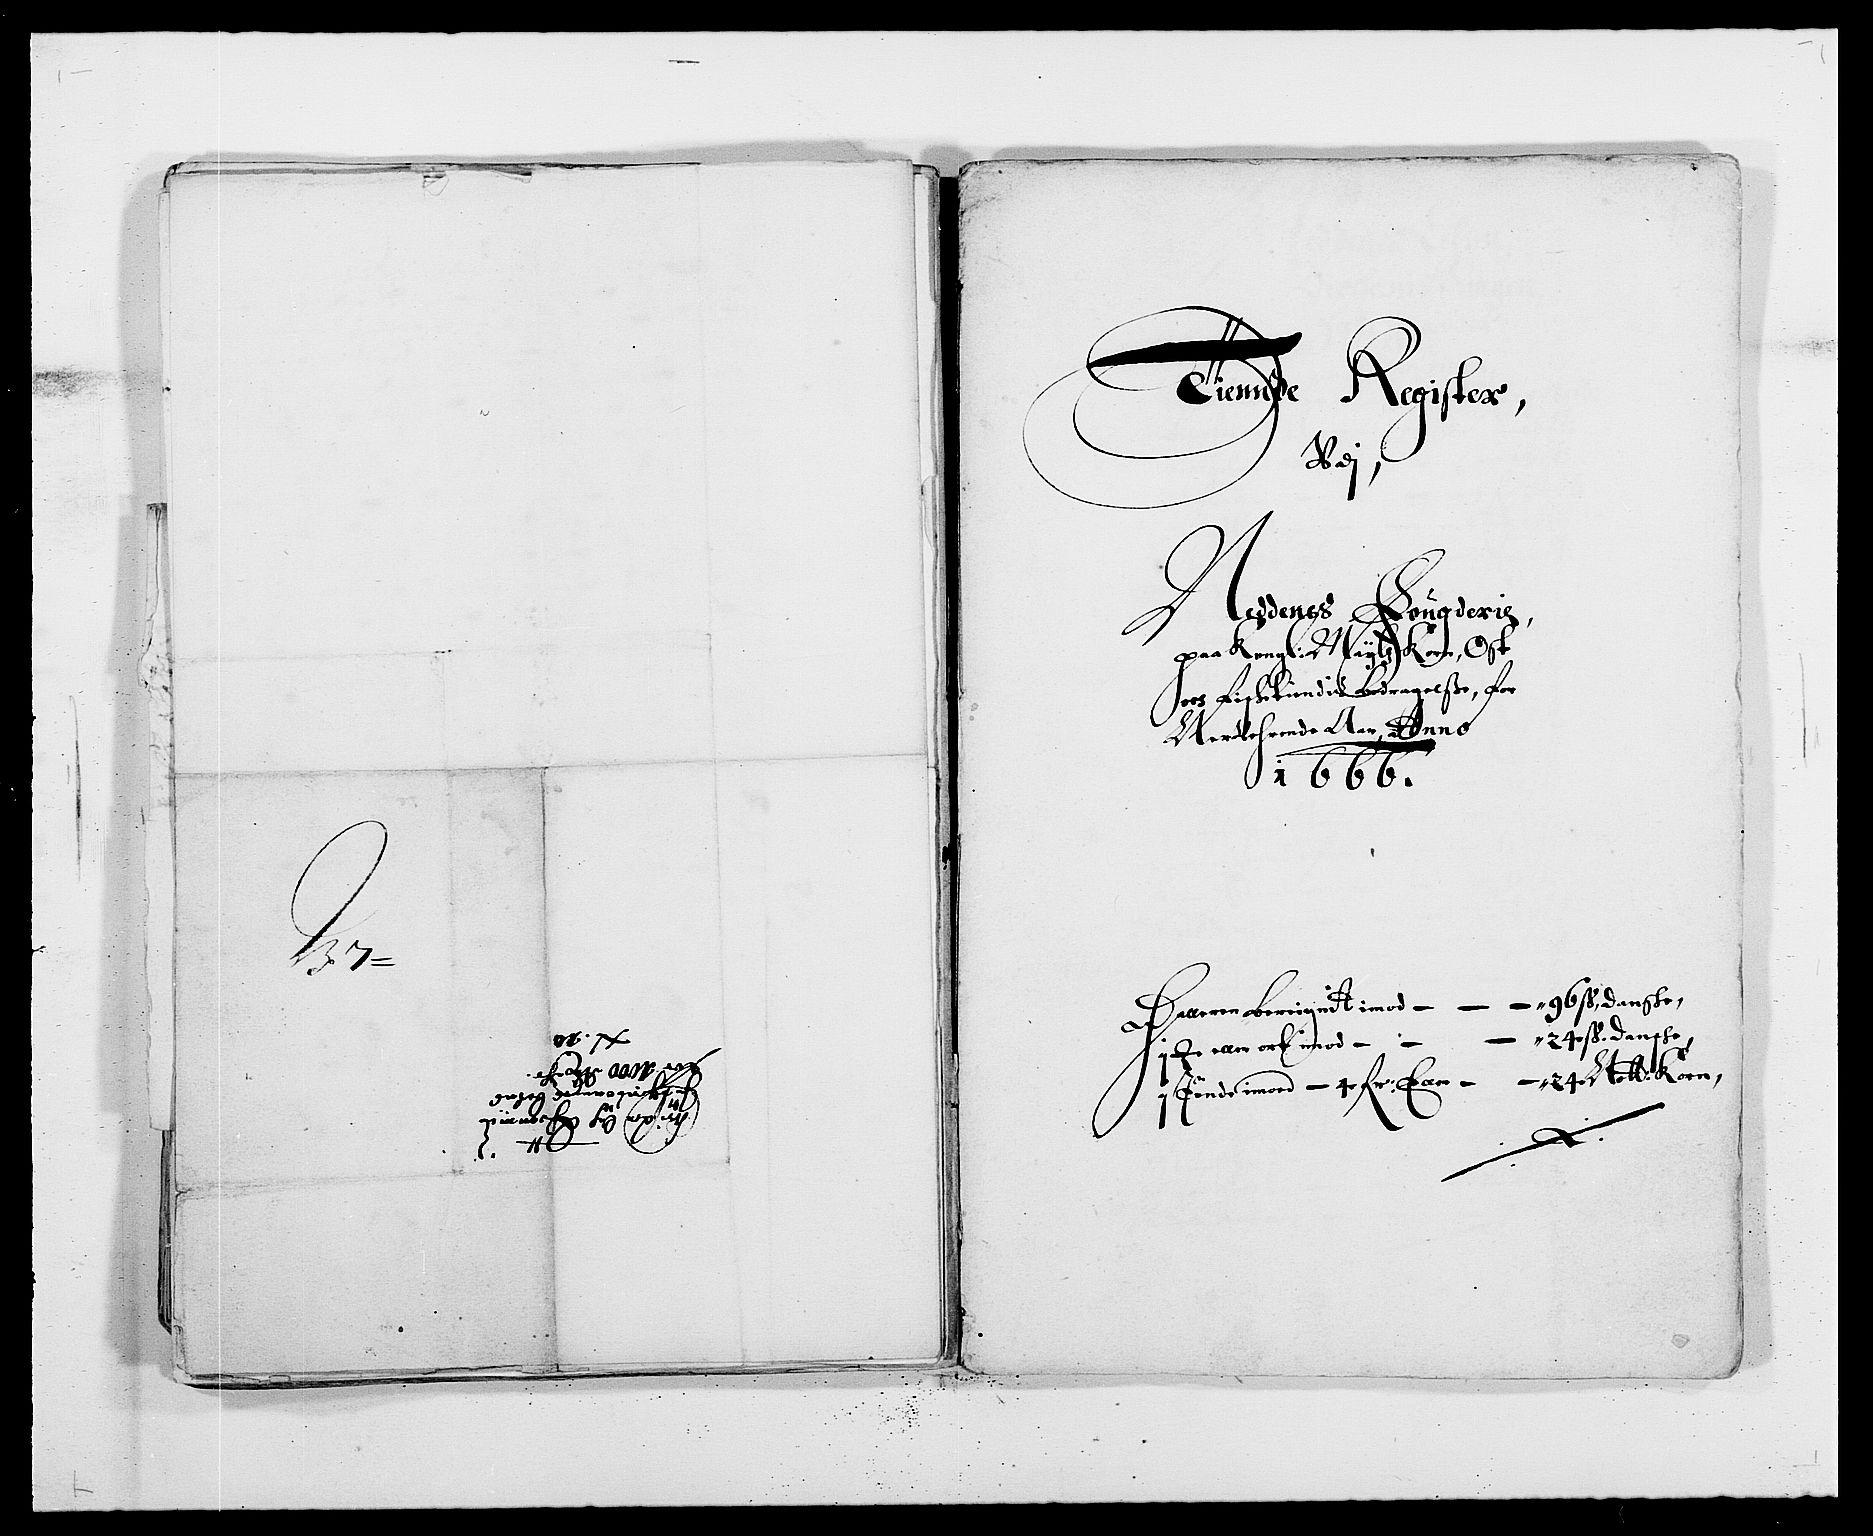 RA, Rentekammeret inntil 1814, Reviderte regnskaper, Fogderegnskap, R39/L2296: Fogderegnskap Nedenes, 1664-1666, s. 391